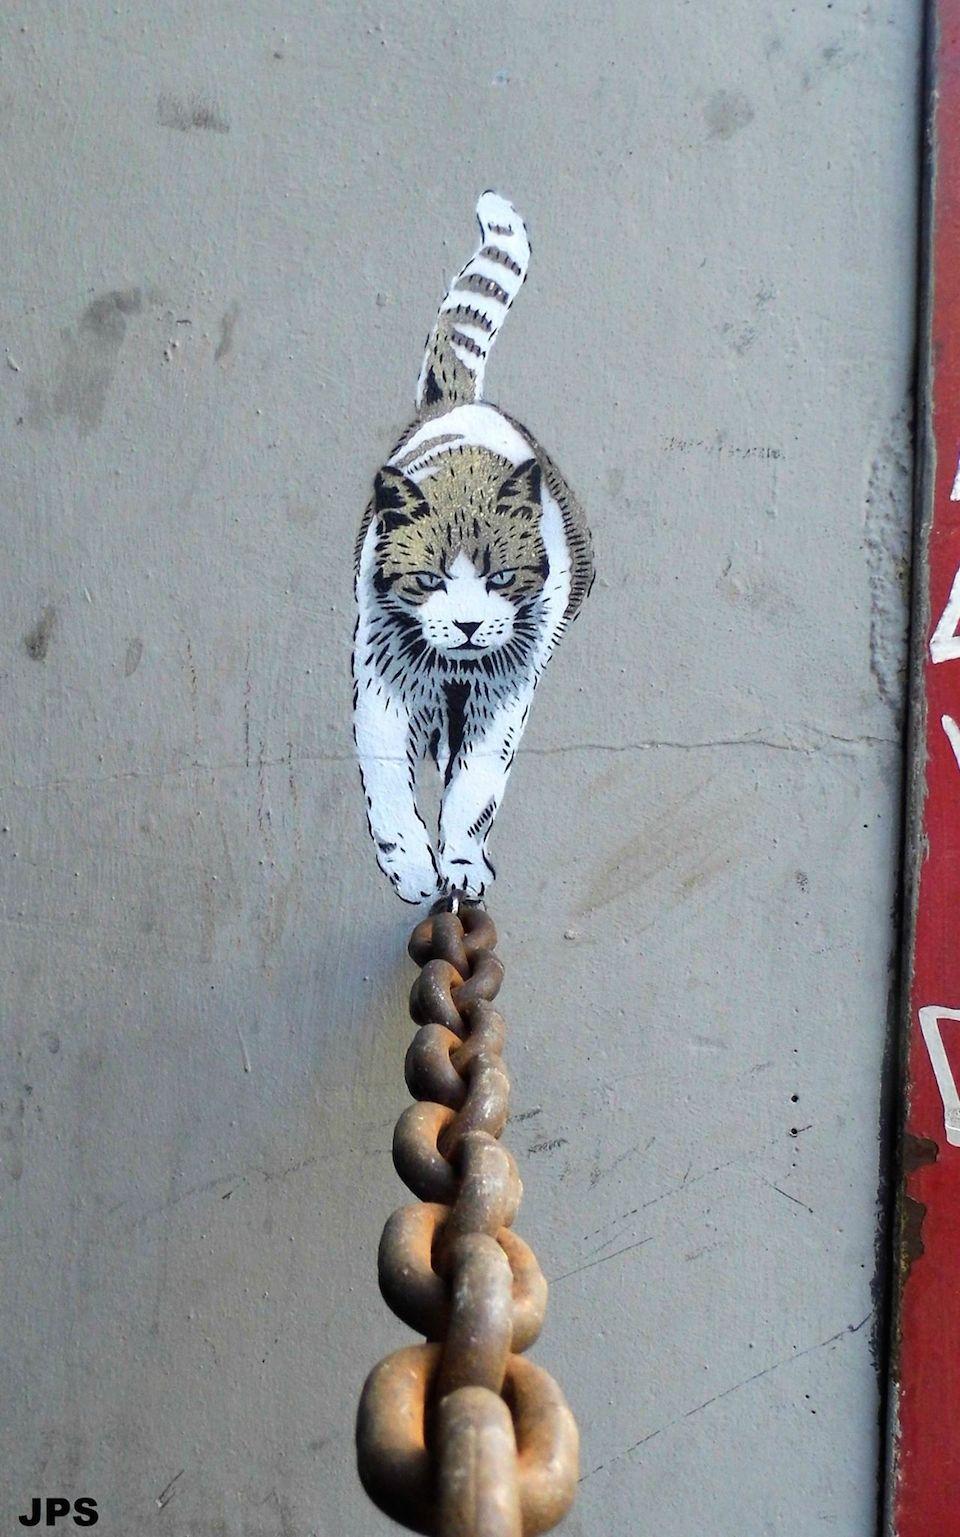 street-art-cat-by-jps-36756865